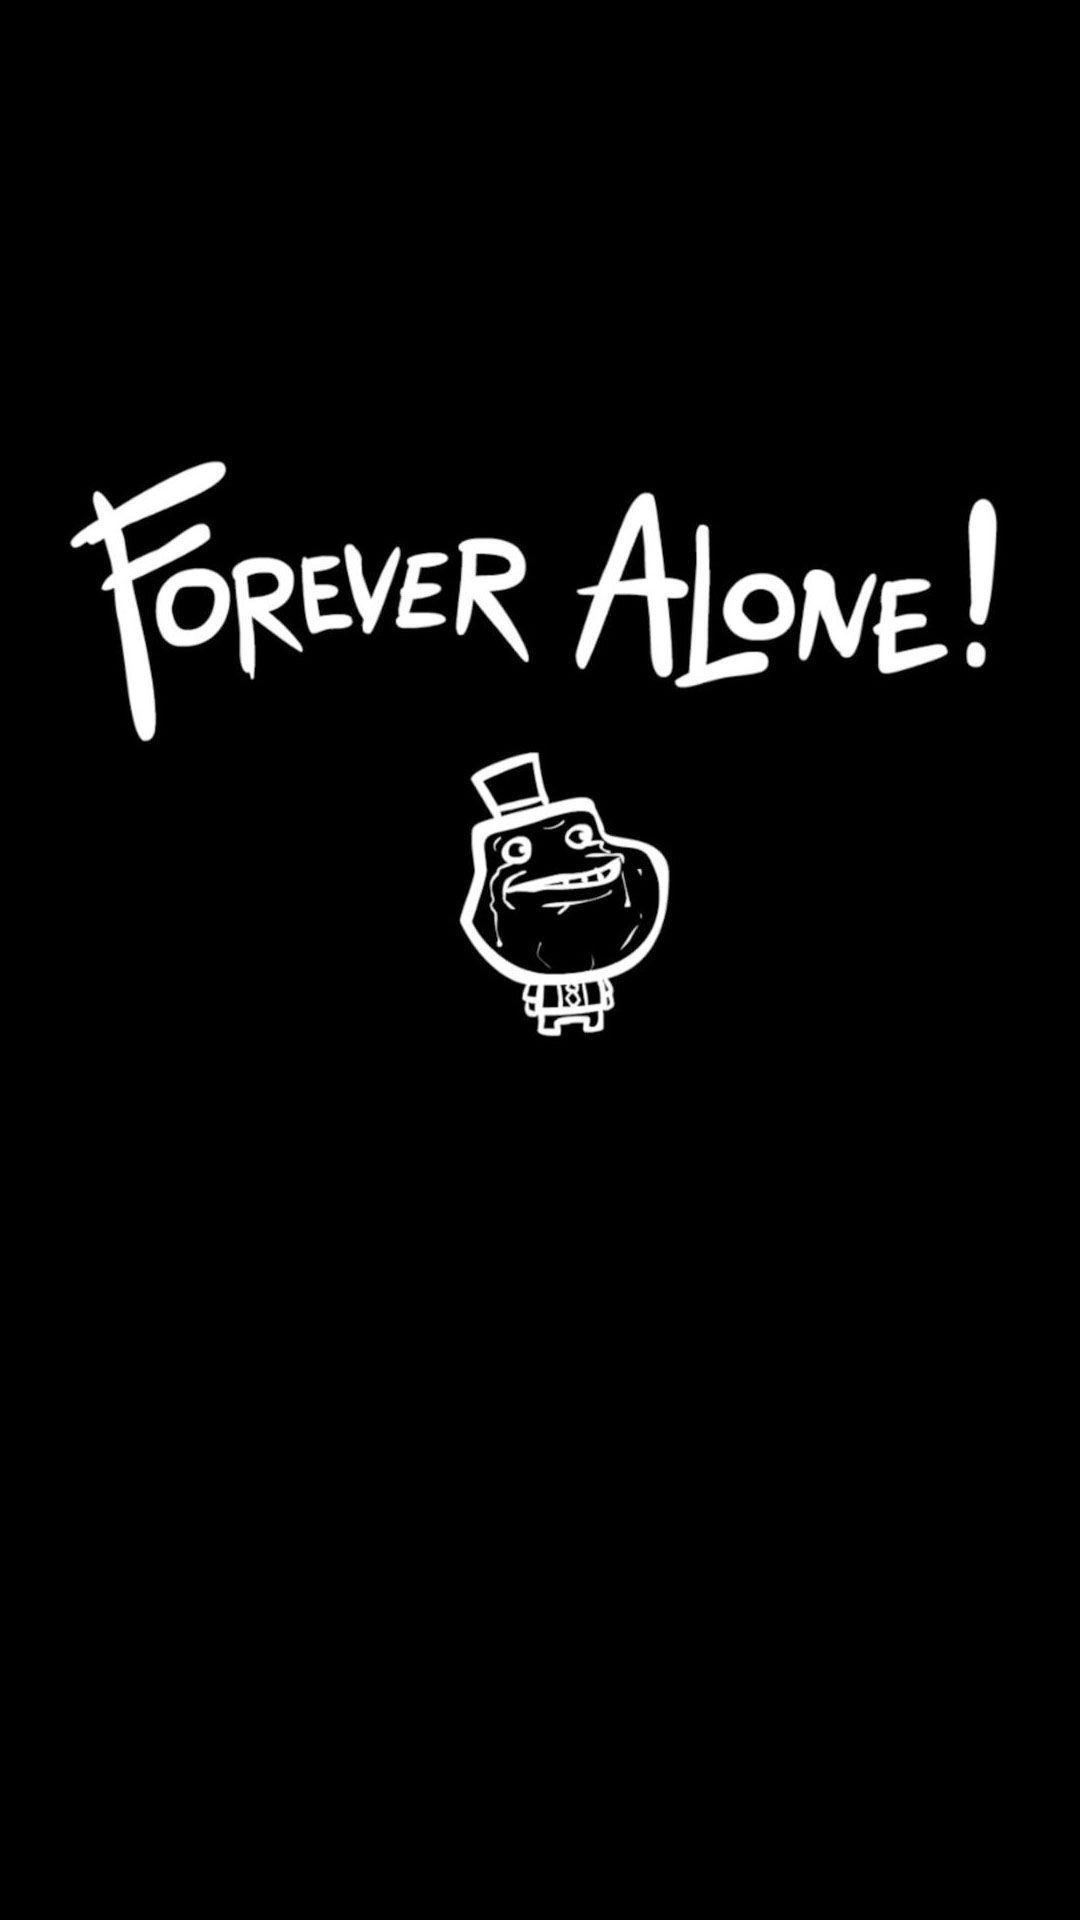 ForeverAloneAppleiPhone6Plus1.jpg (1080×1920